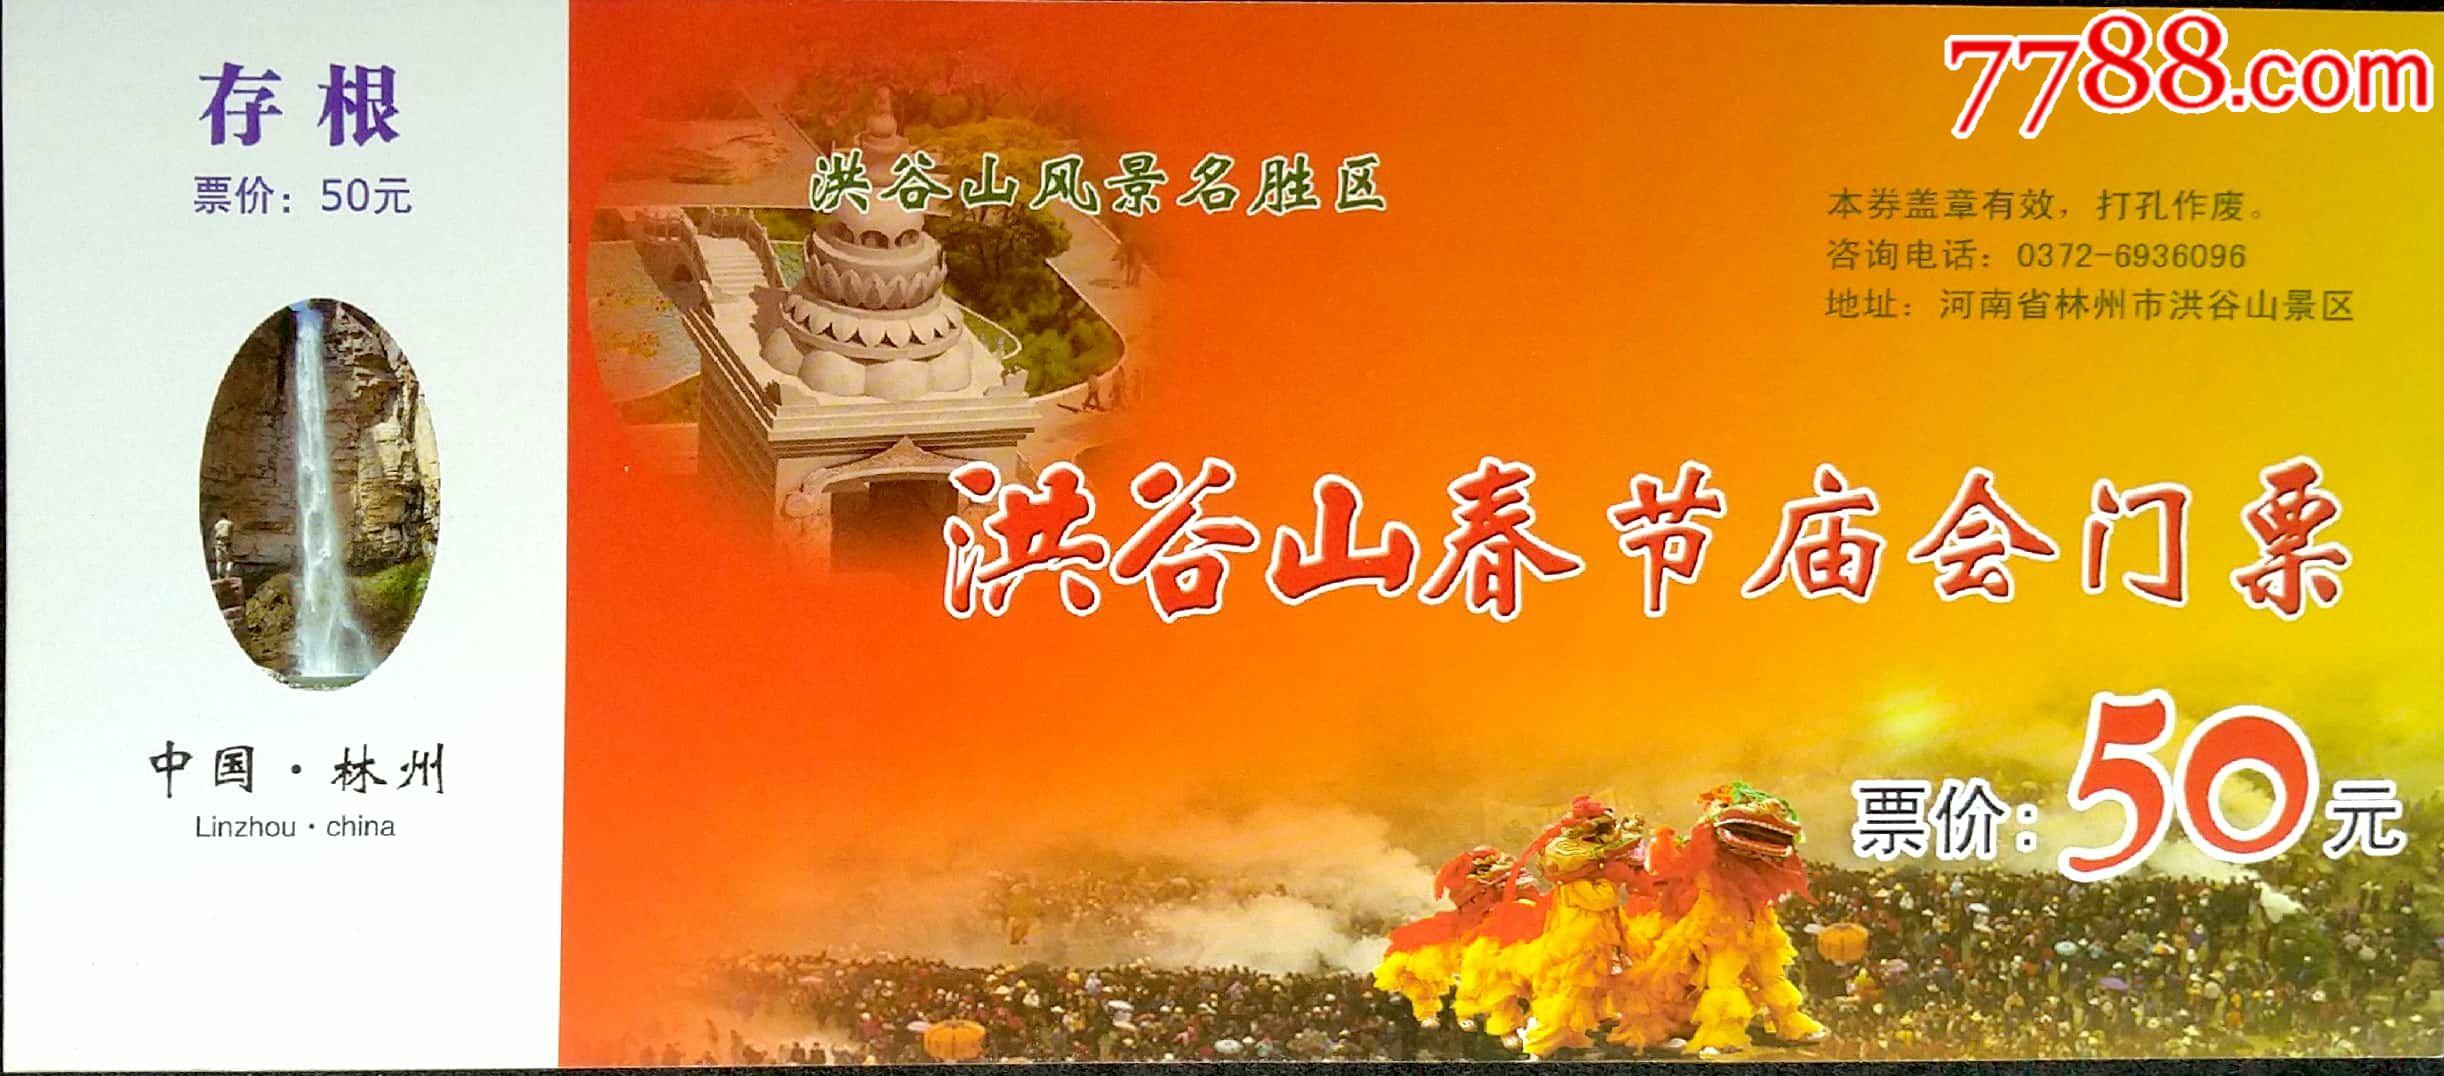 国保,河南林州洪谷山塔林(se64514486)_